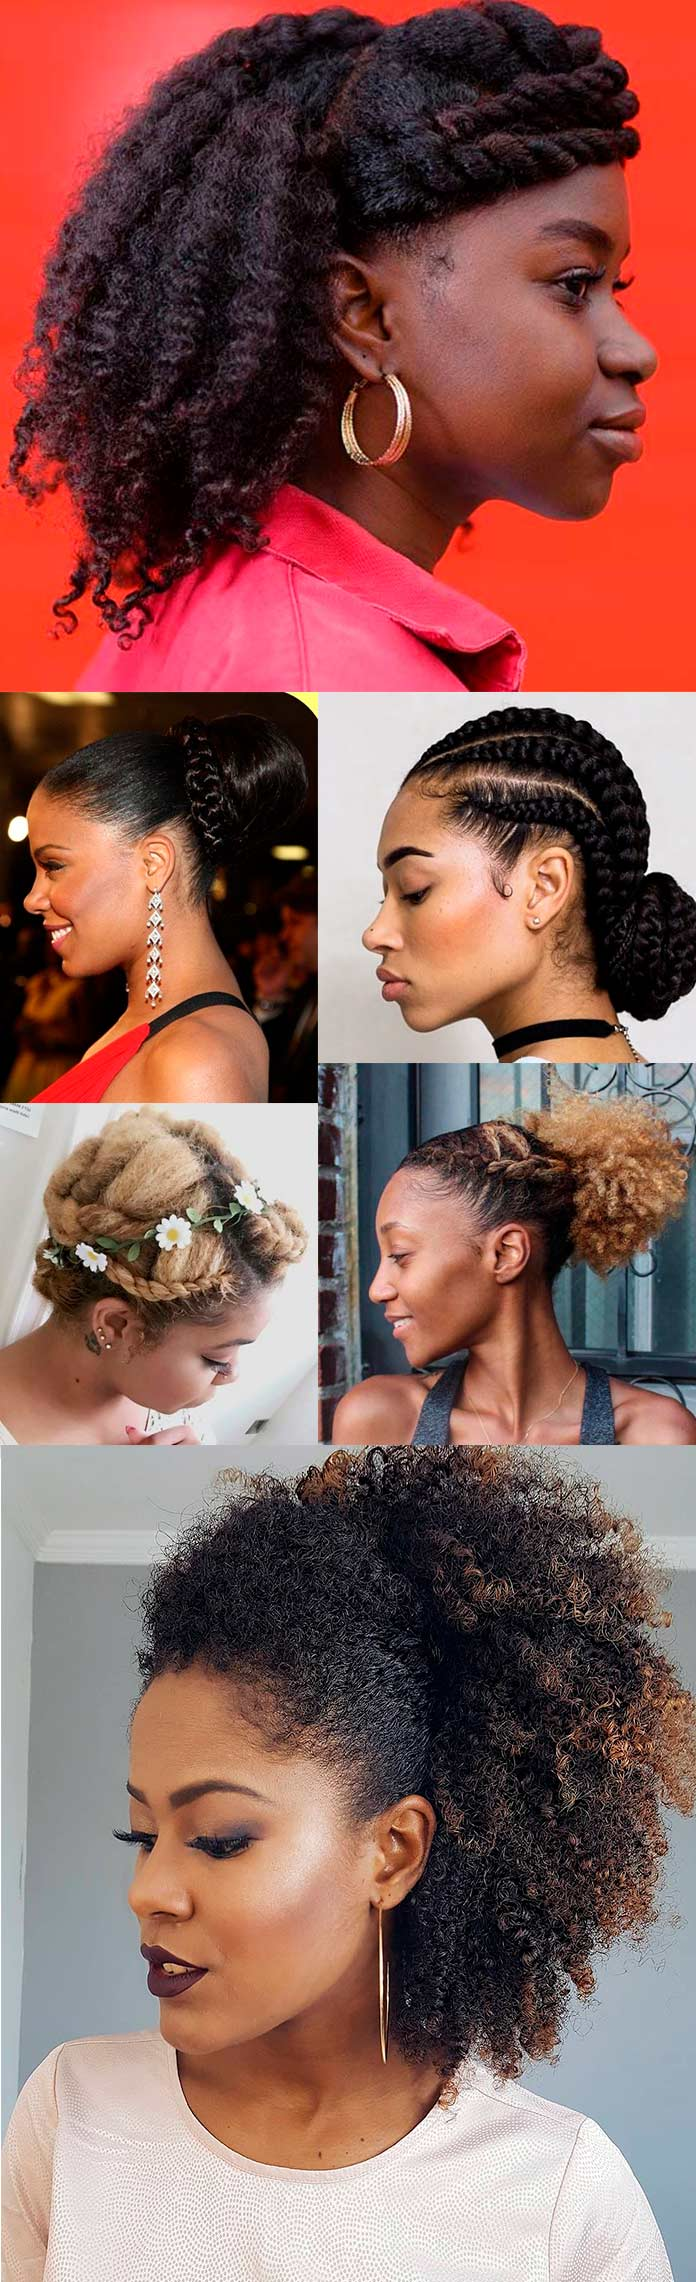 56 Penteados Para Debutantes Com Todos Os Tipos De Cabelo